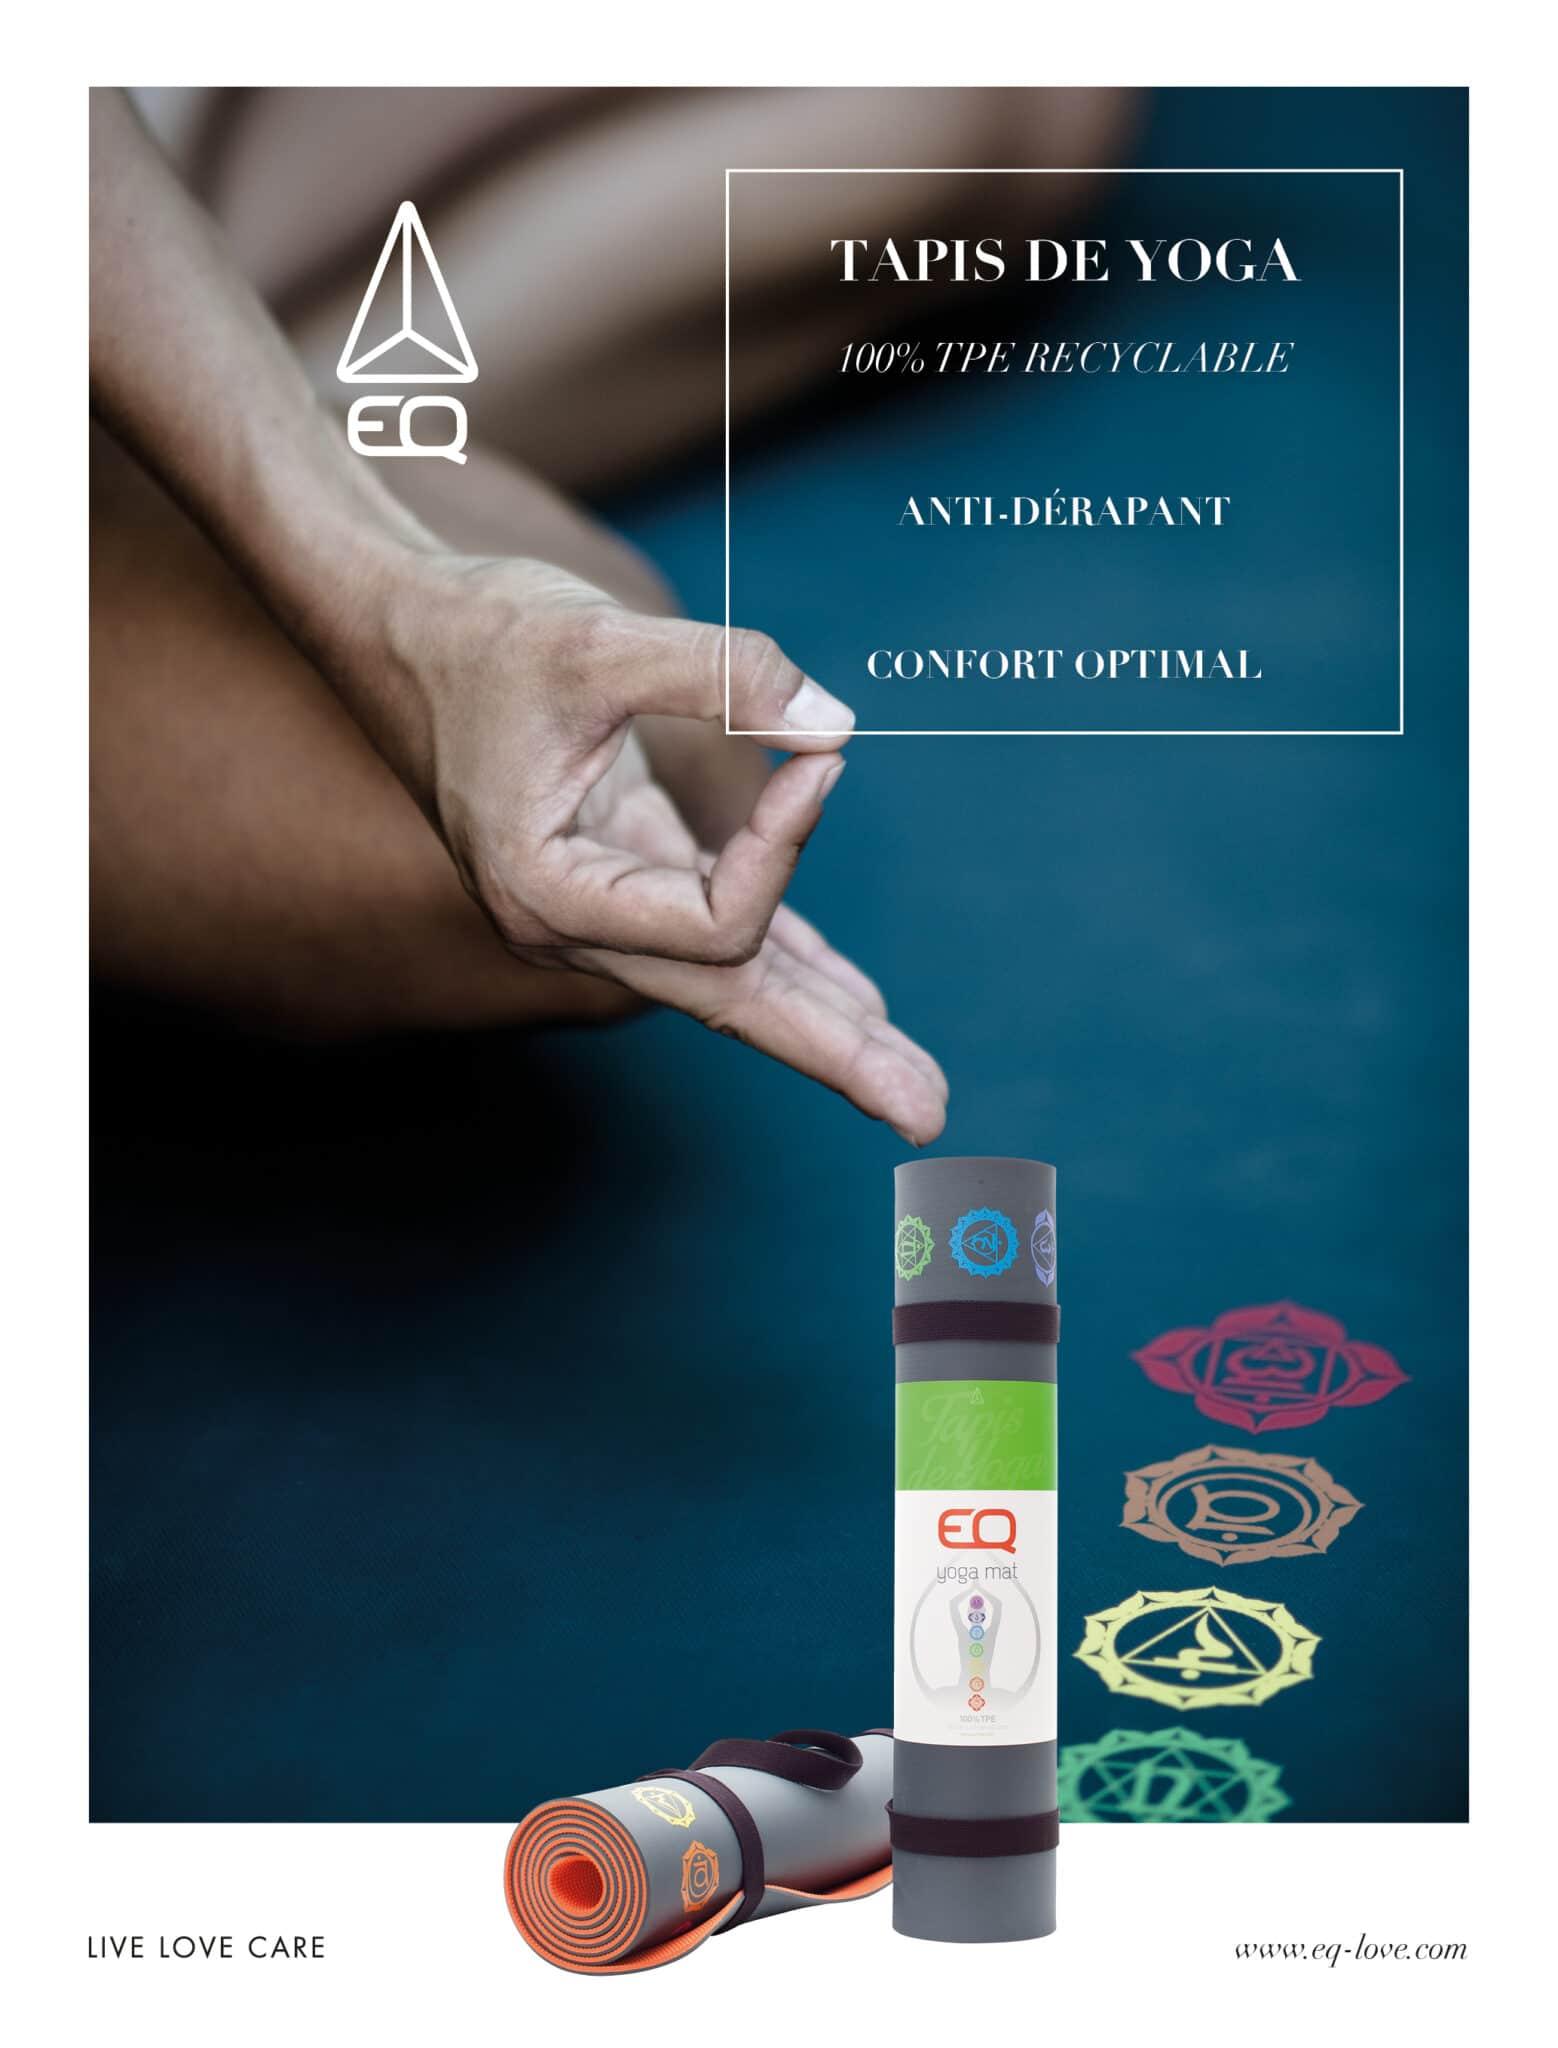 Page de publicité concernant les tapis de yoga EQ.